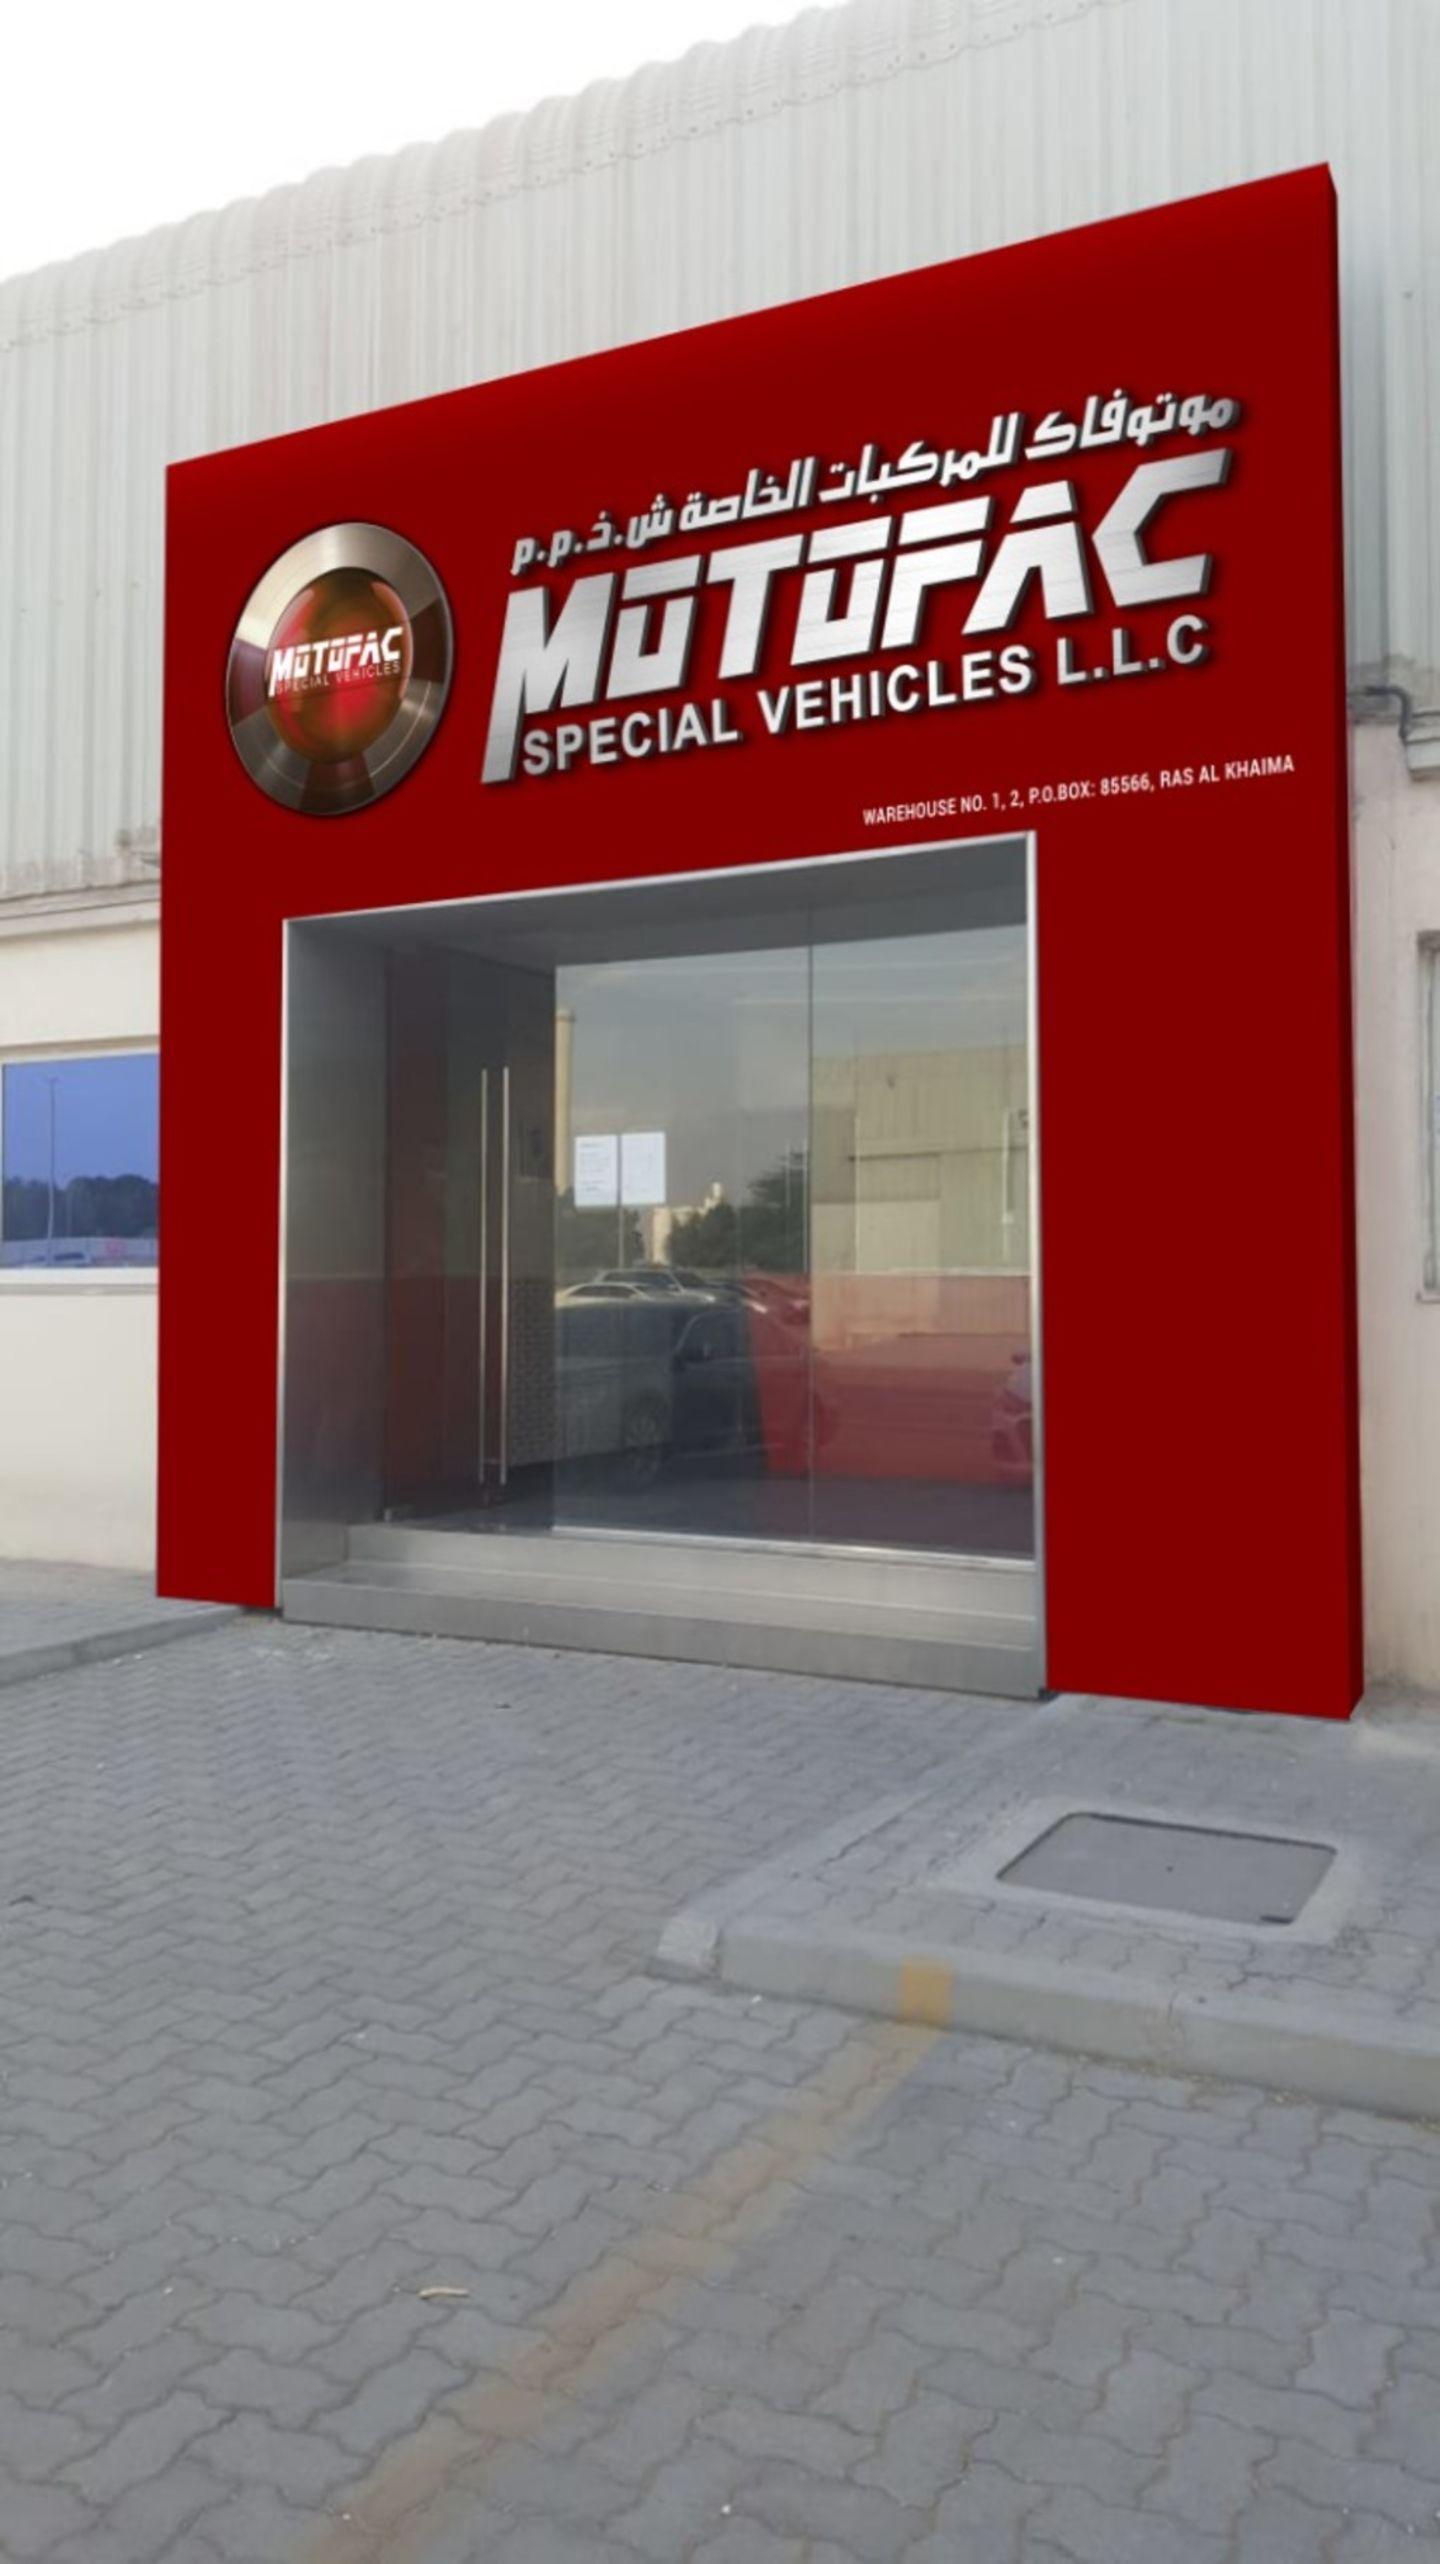 HiDubai-business-motofac-armored-vehicles-transport-vehicle-services-specialized-auto-services-al-qusais-1-dubai